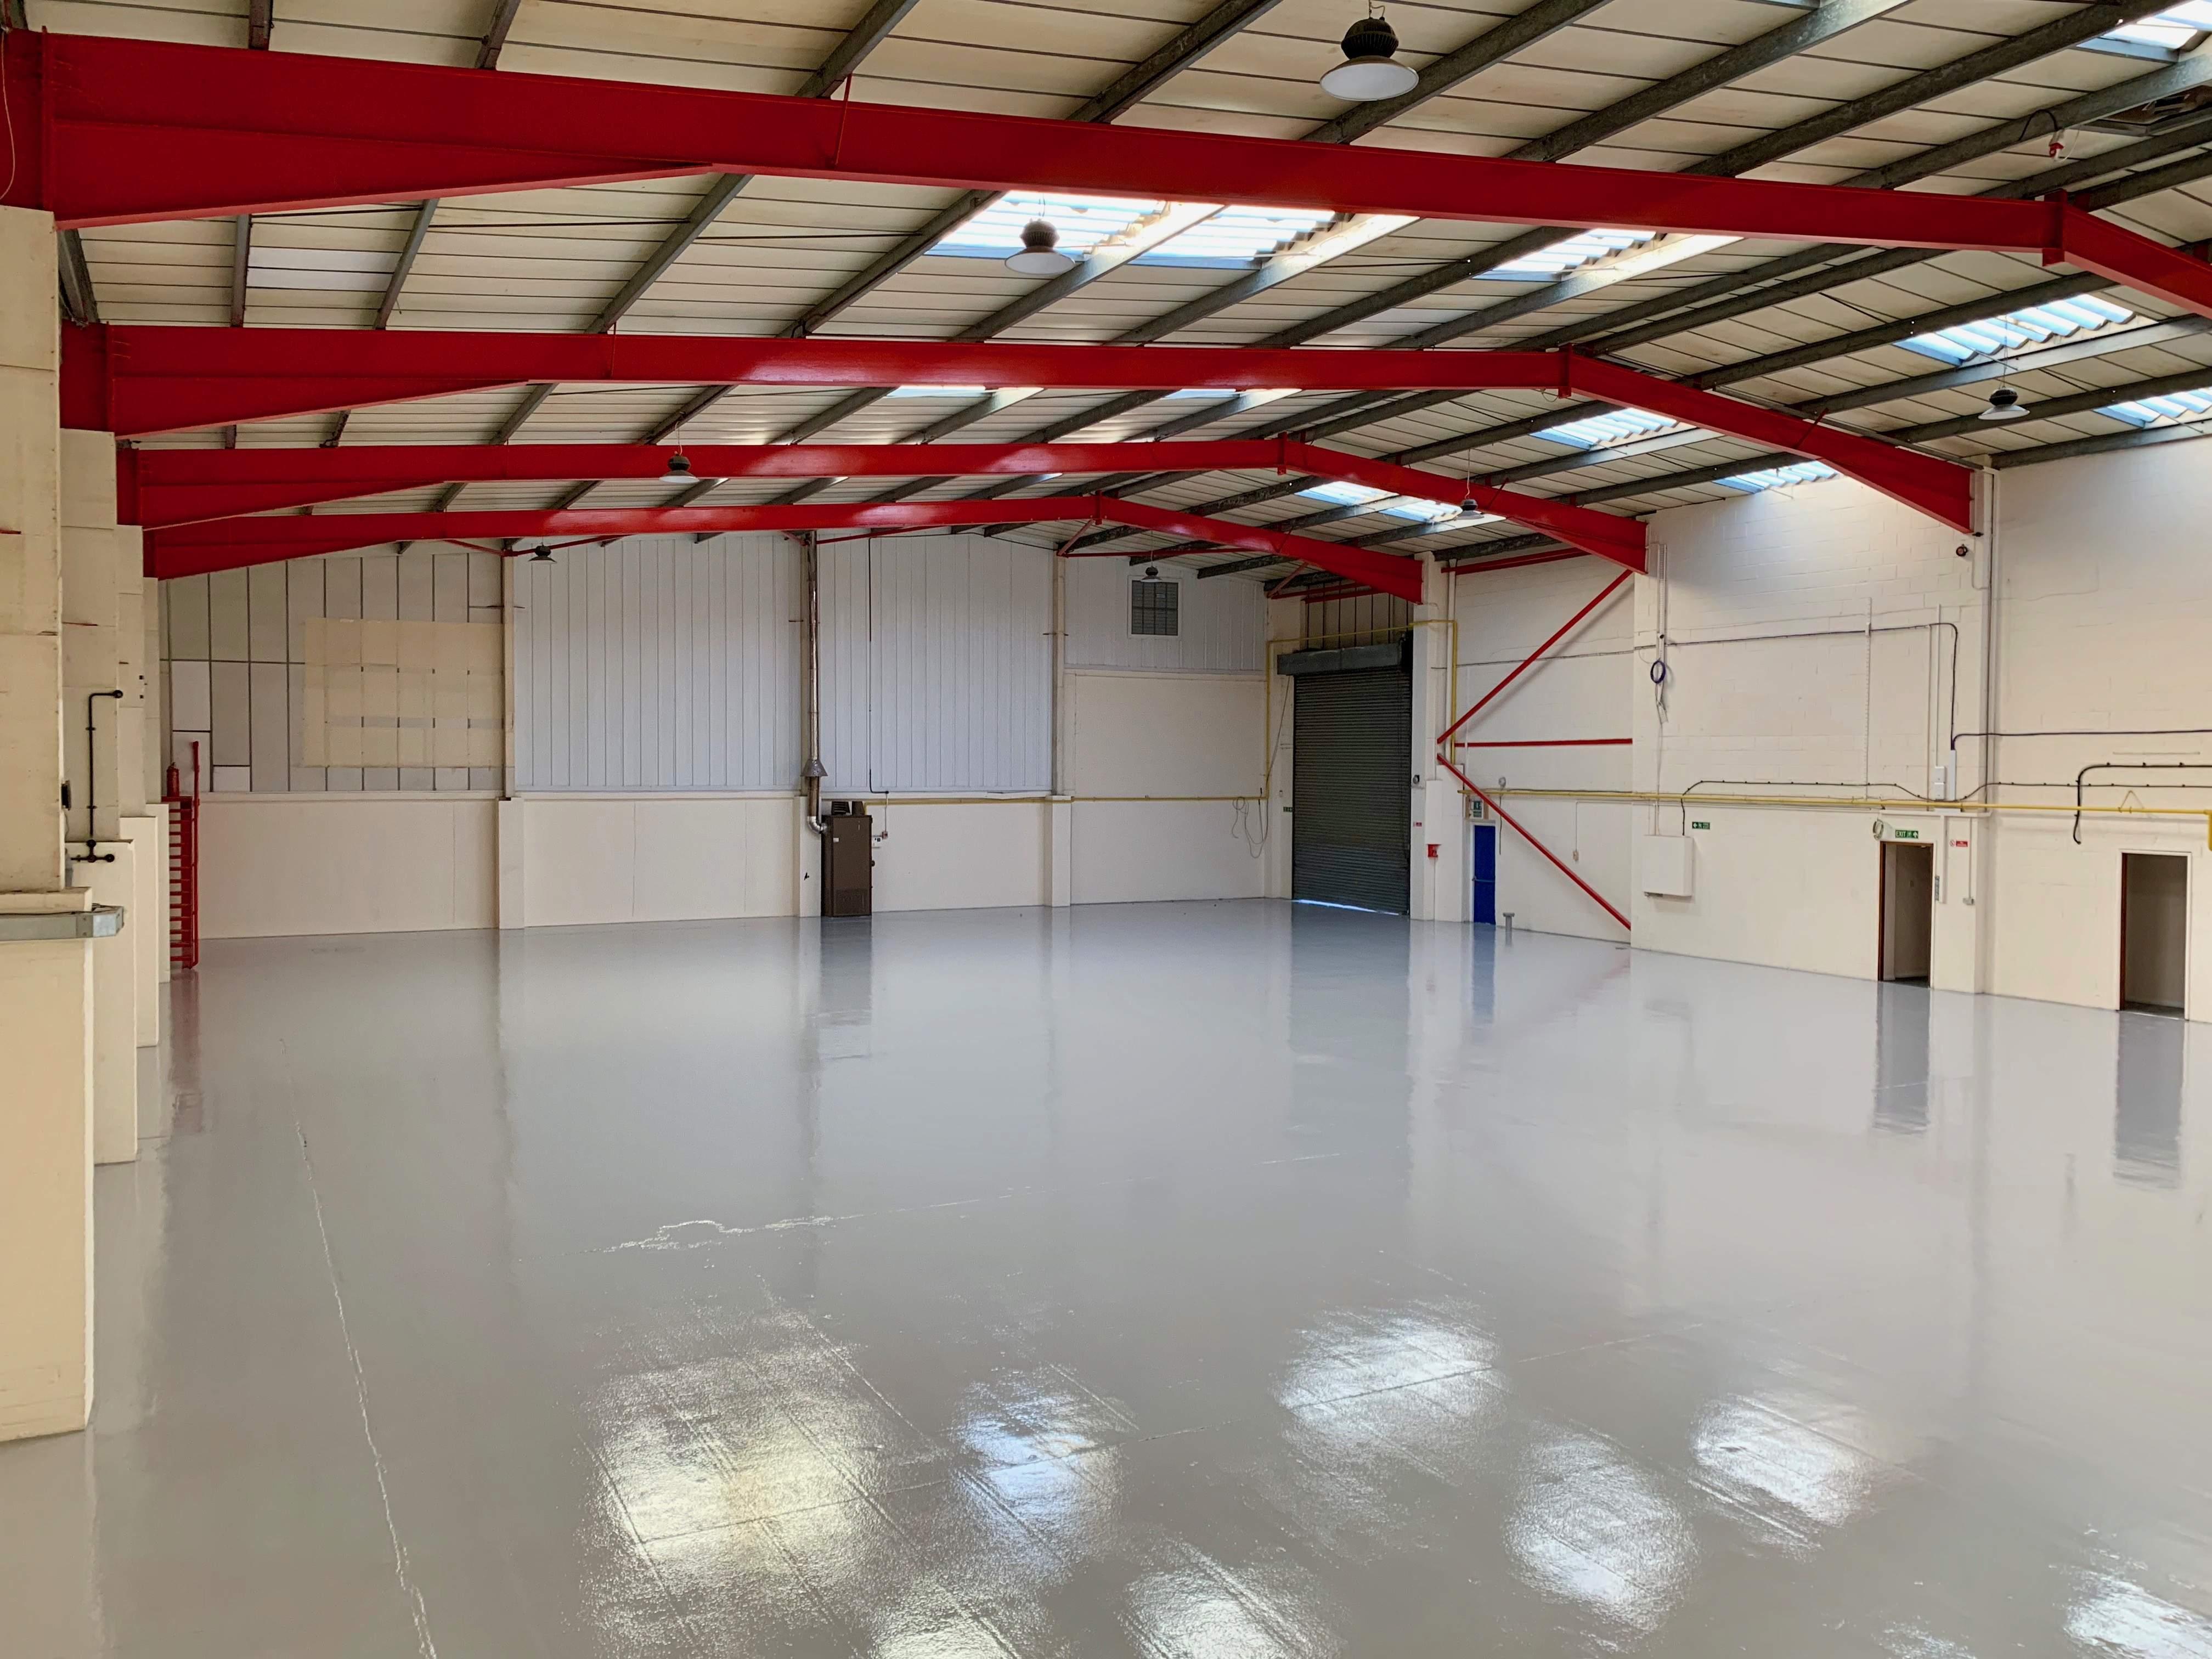 7 Dunhams Court Warehouse 3